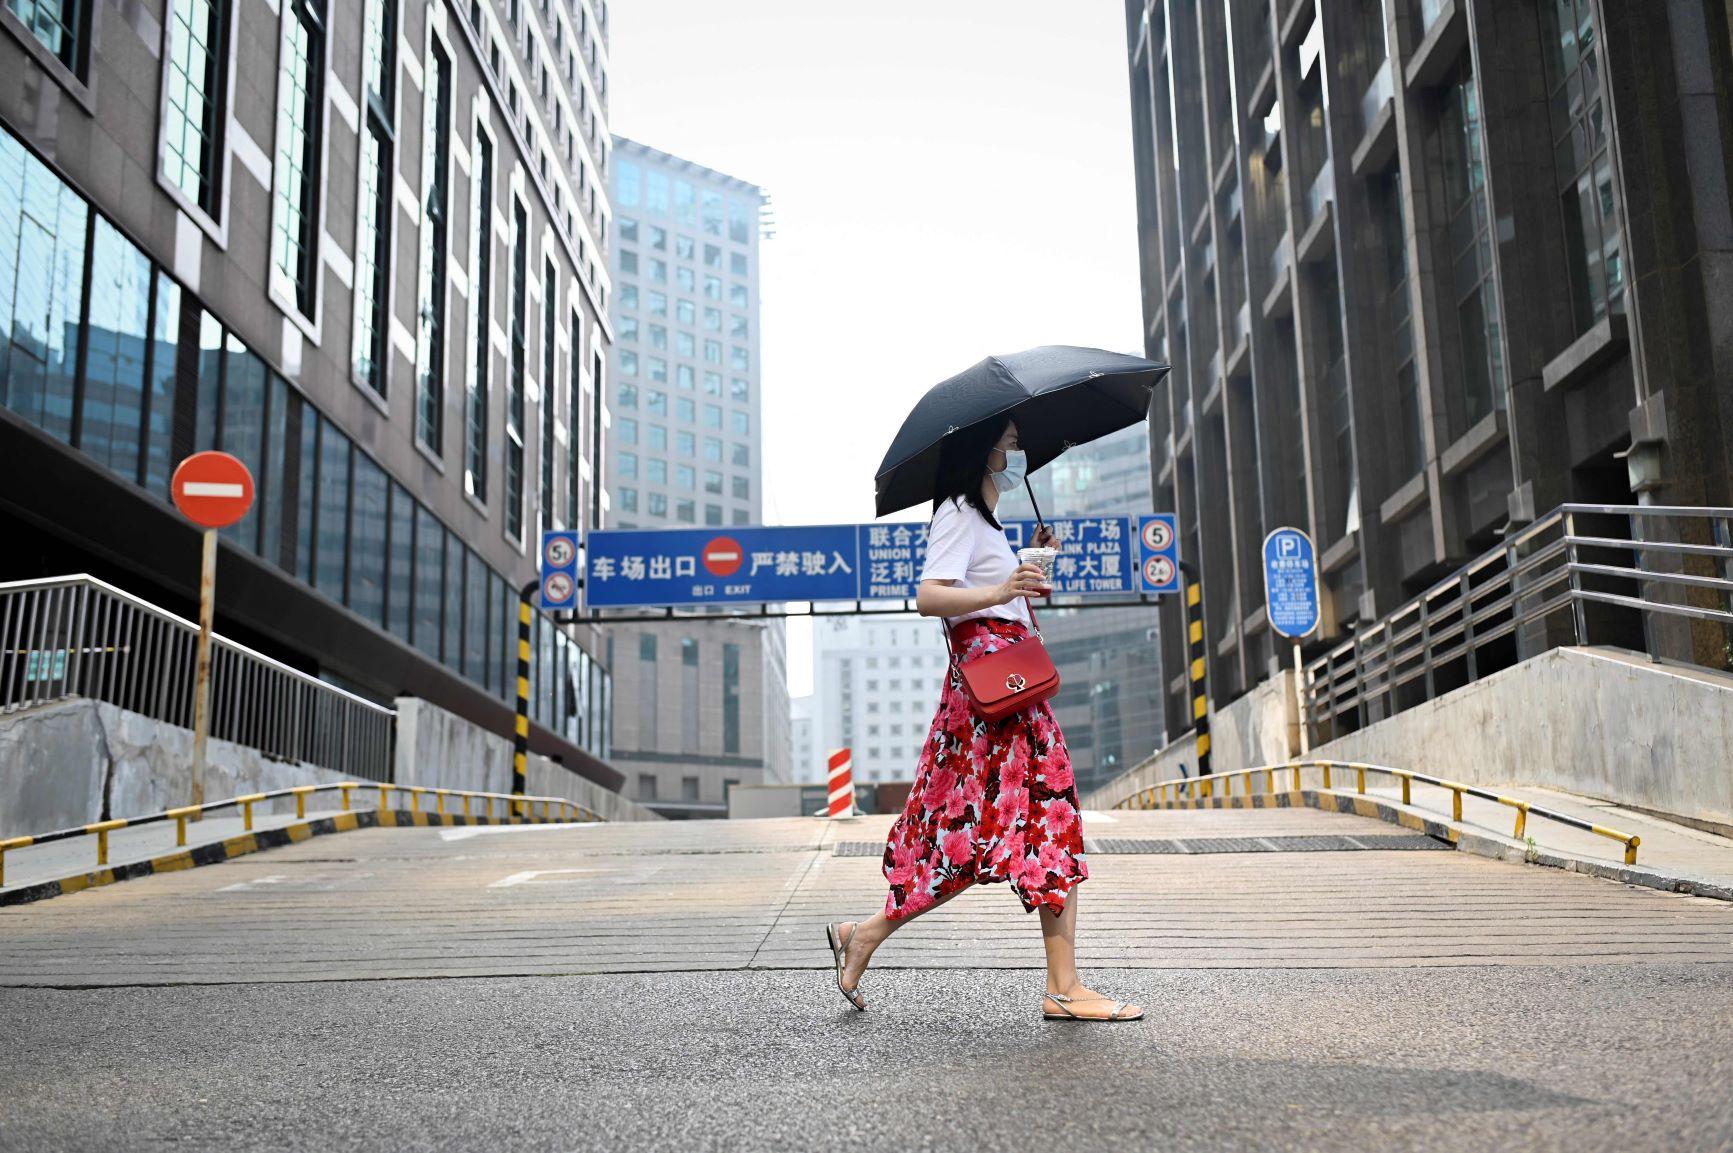 طبقت الصين إجراءات جماعية واسعة في خضم مكافحتها جائحة كورونا